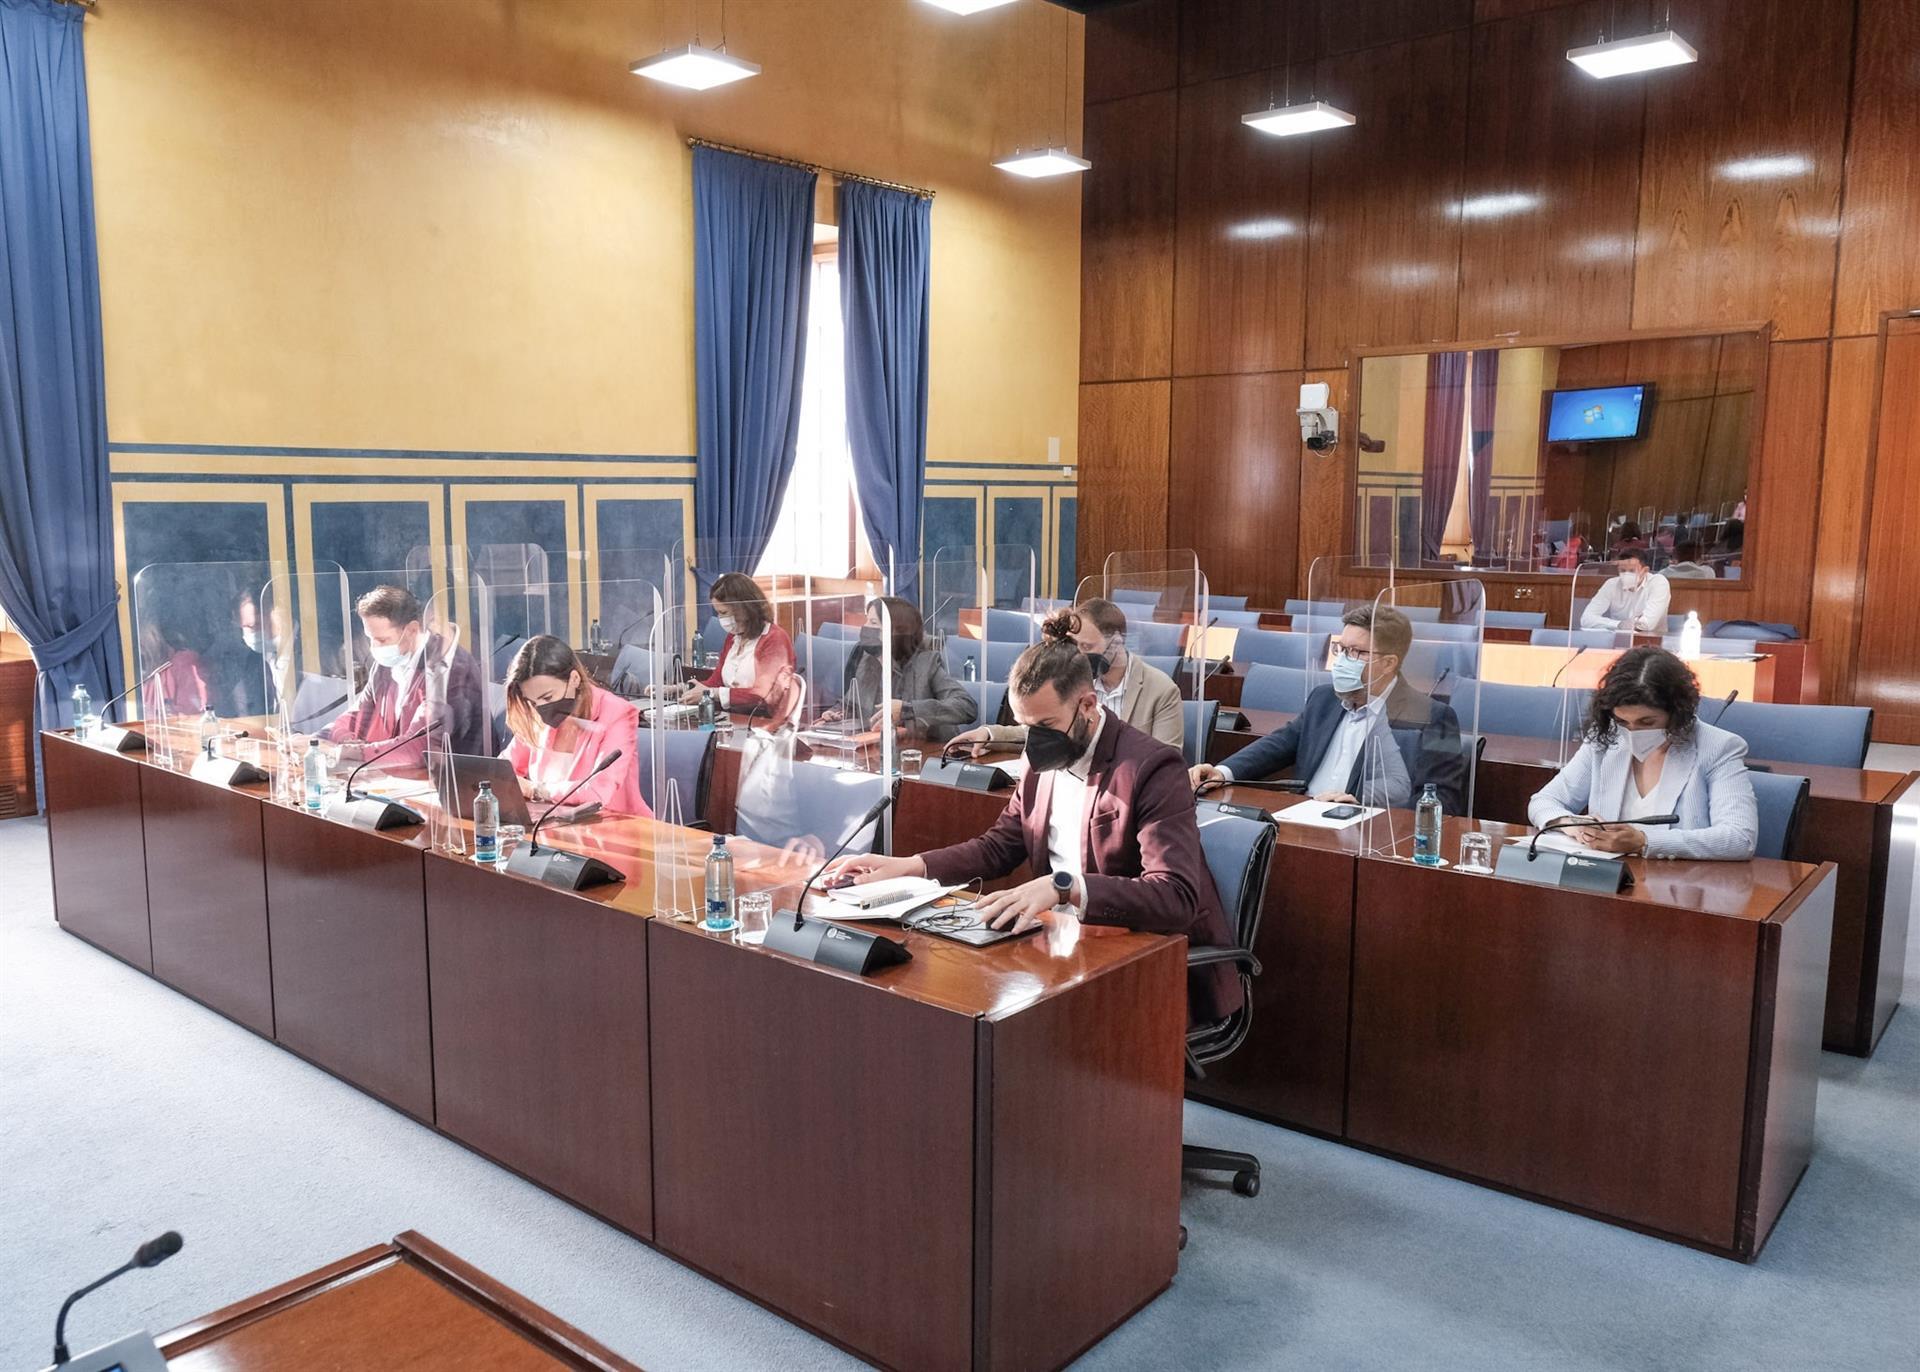 La comisión de la Faffe reanuda este viernes su actividad con la comparecencia de representantes de UGT y Ustea